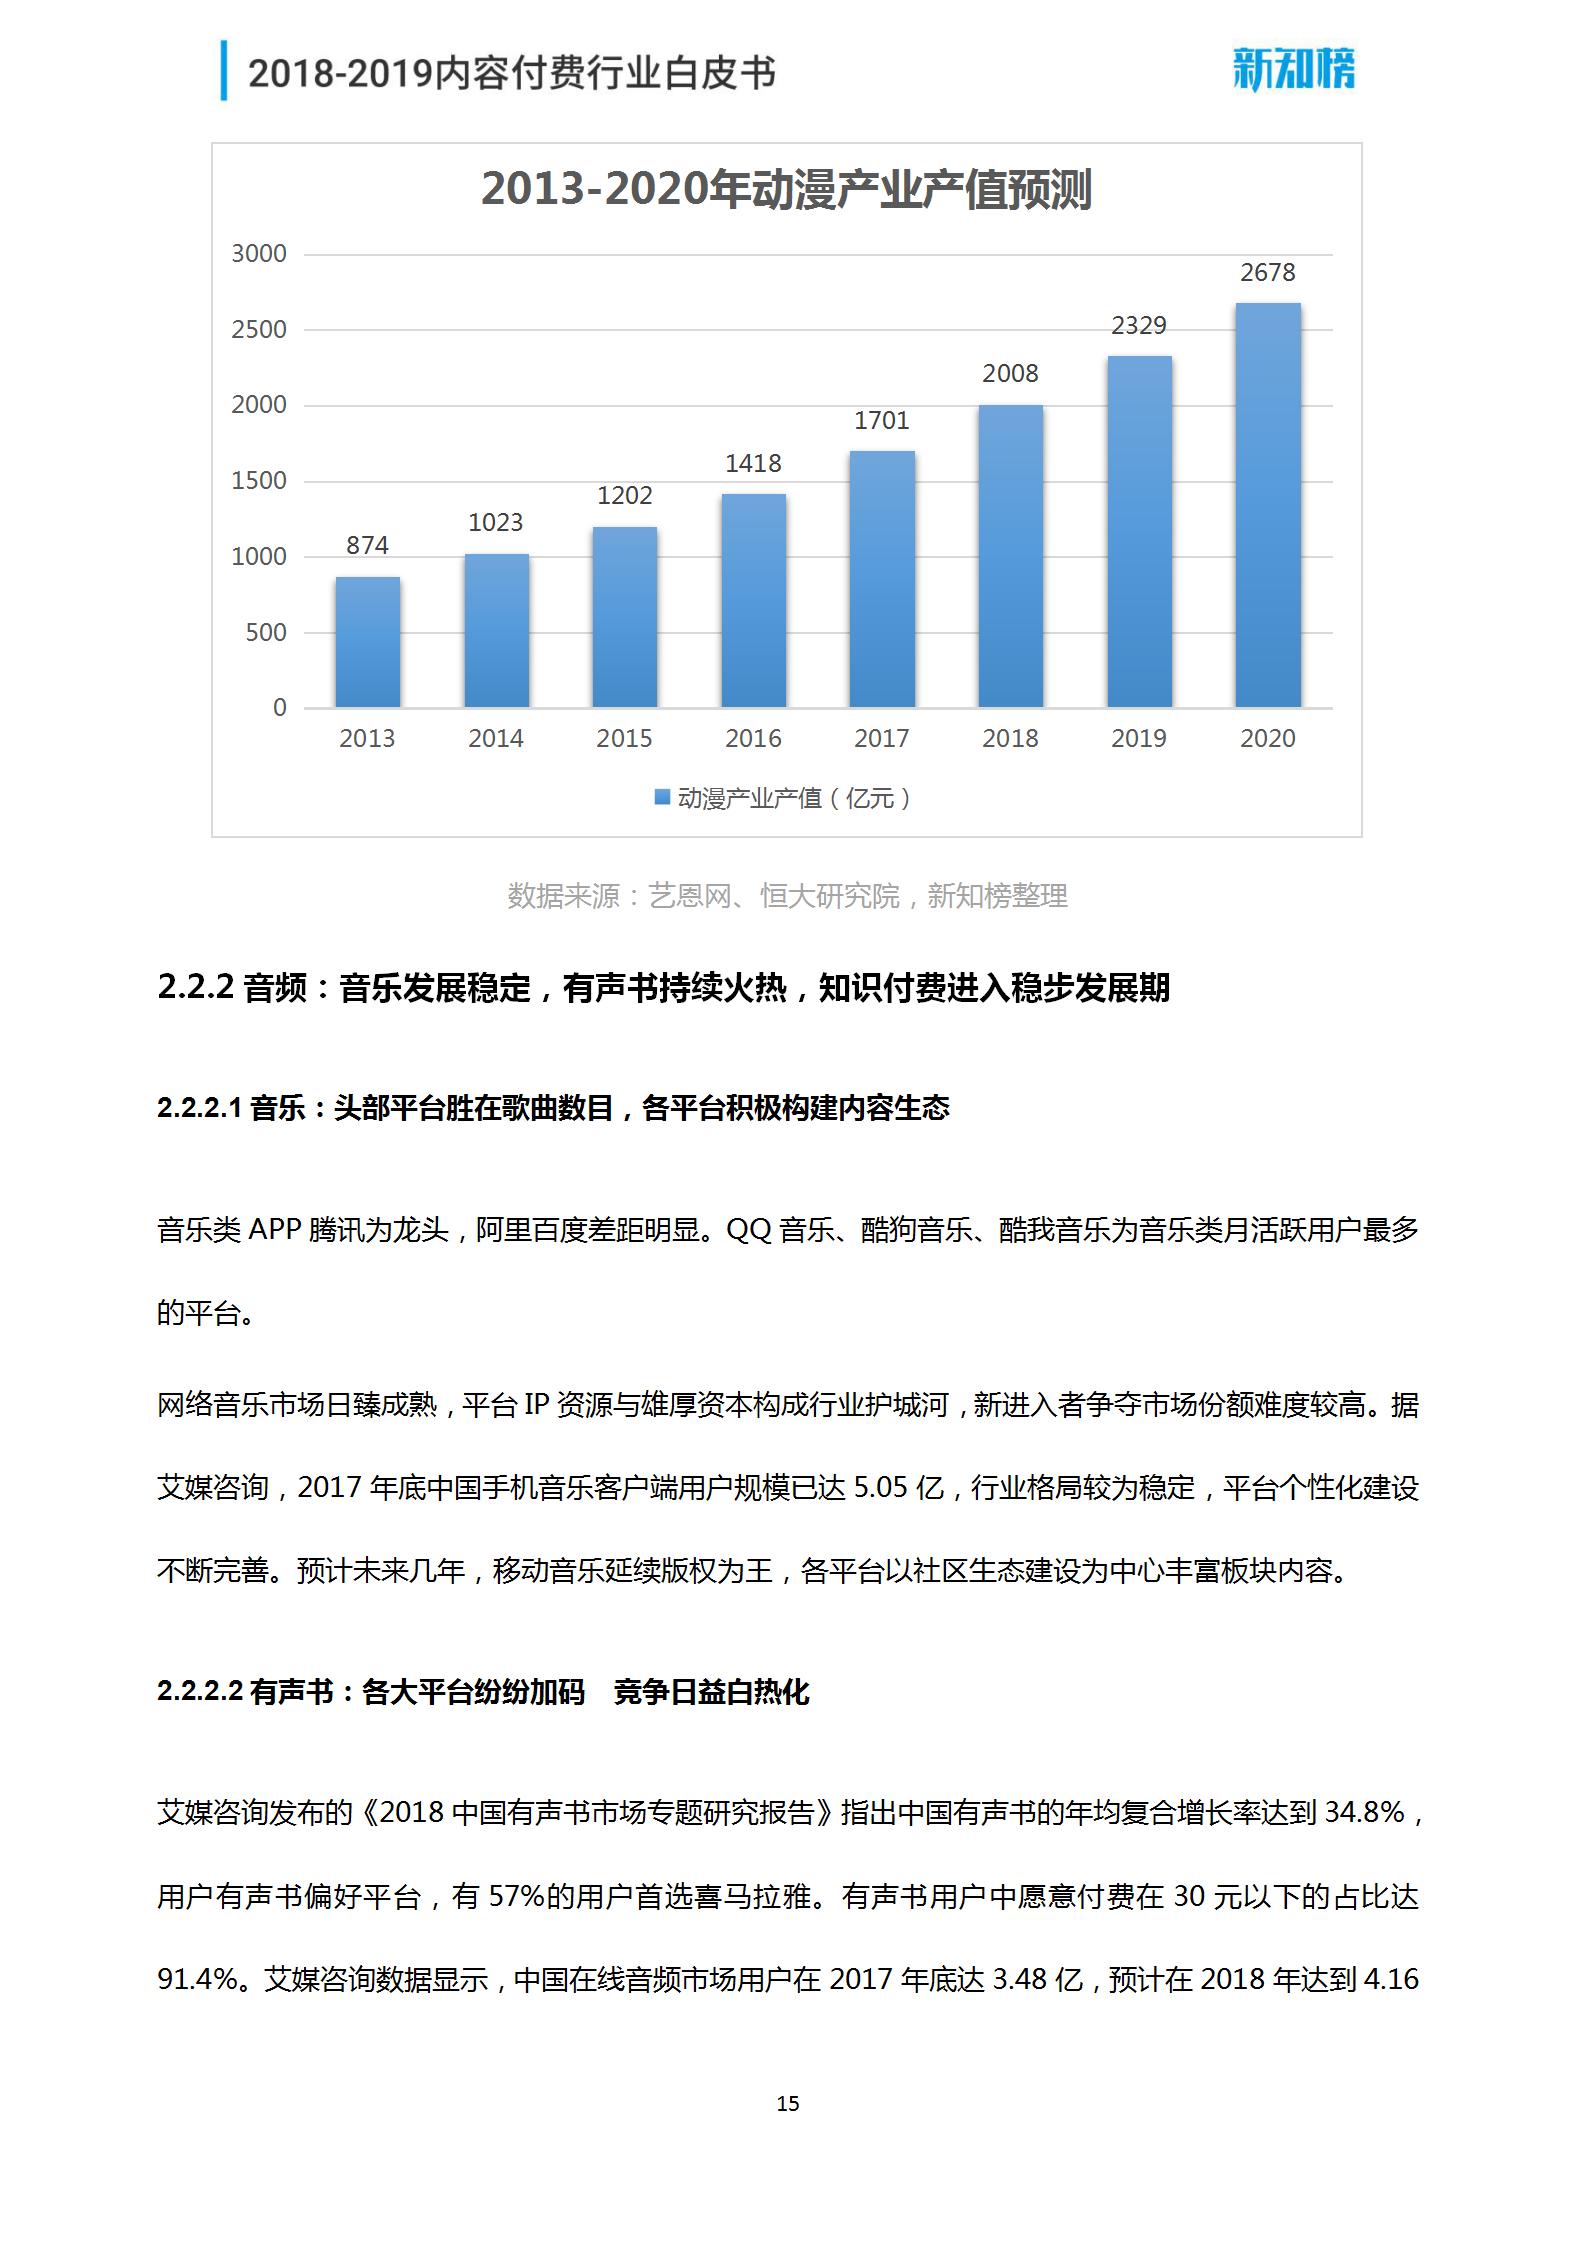 新知榜2018-2019内容付费行业白皮书_15.png